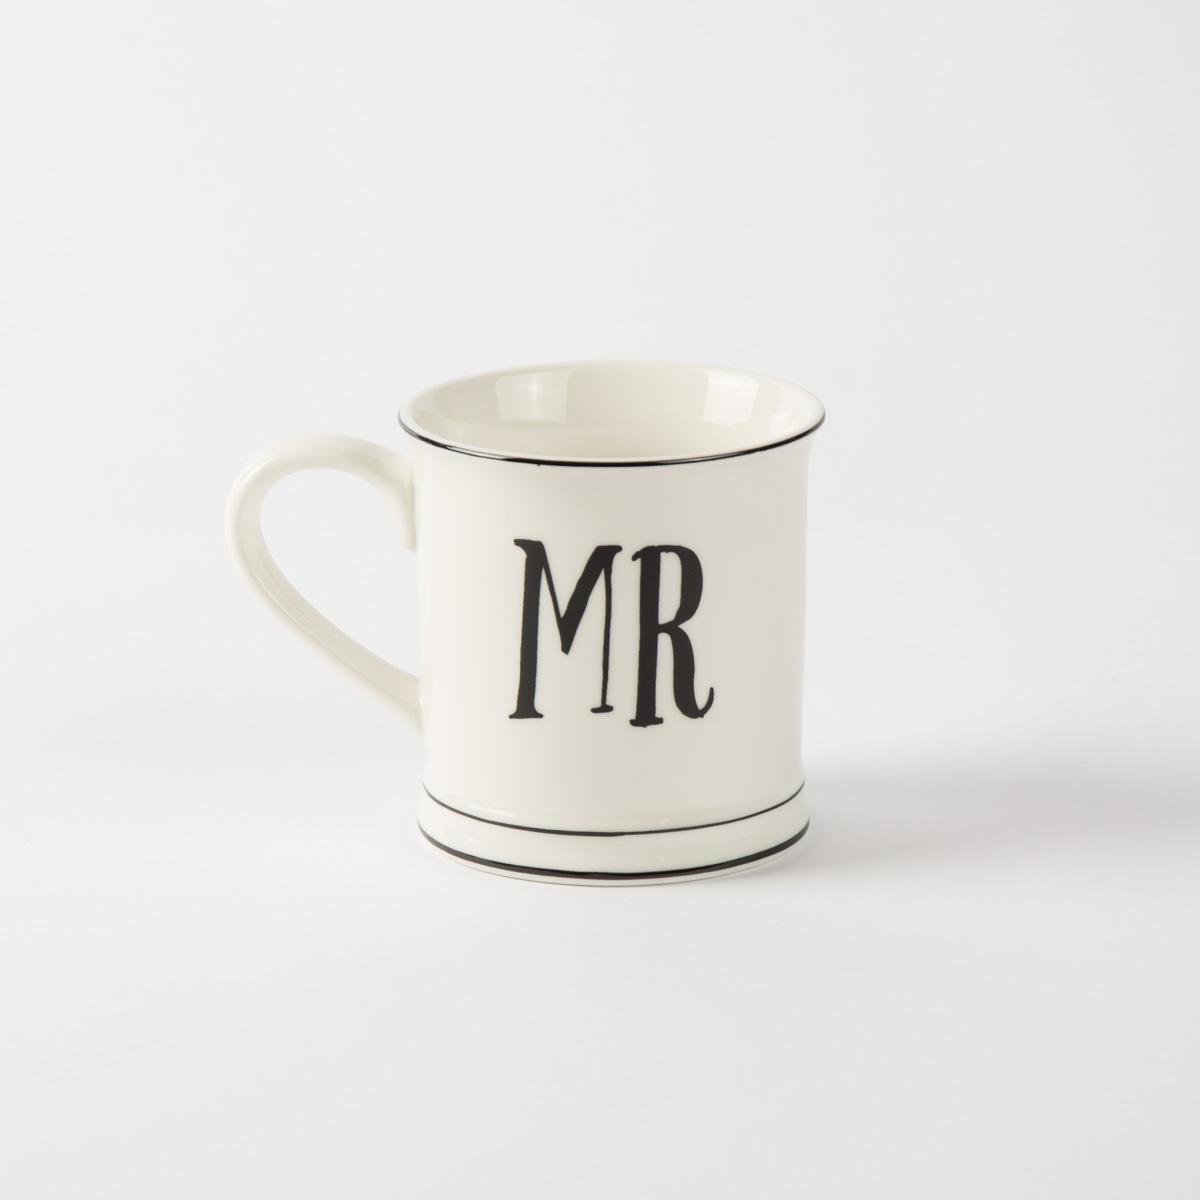 Tasse Porzellan weiß MRS oder MR 400ml